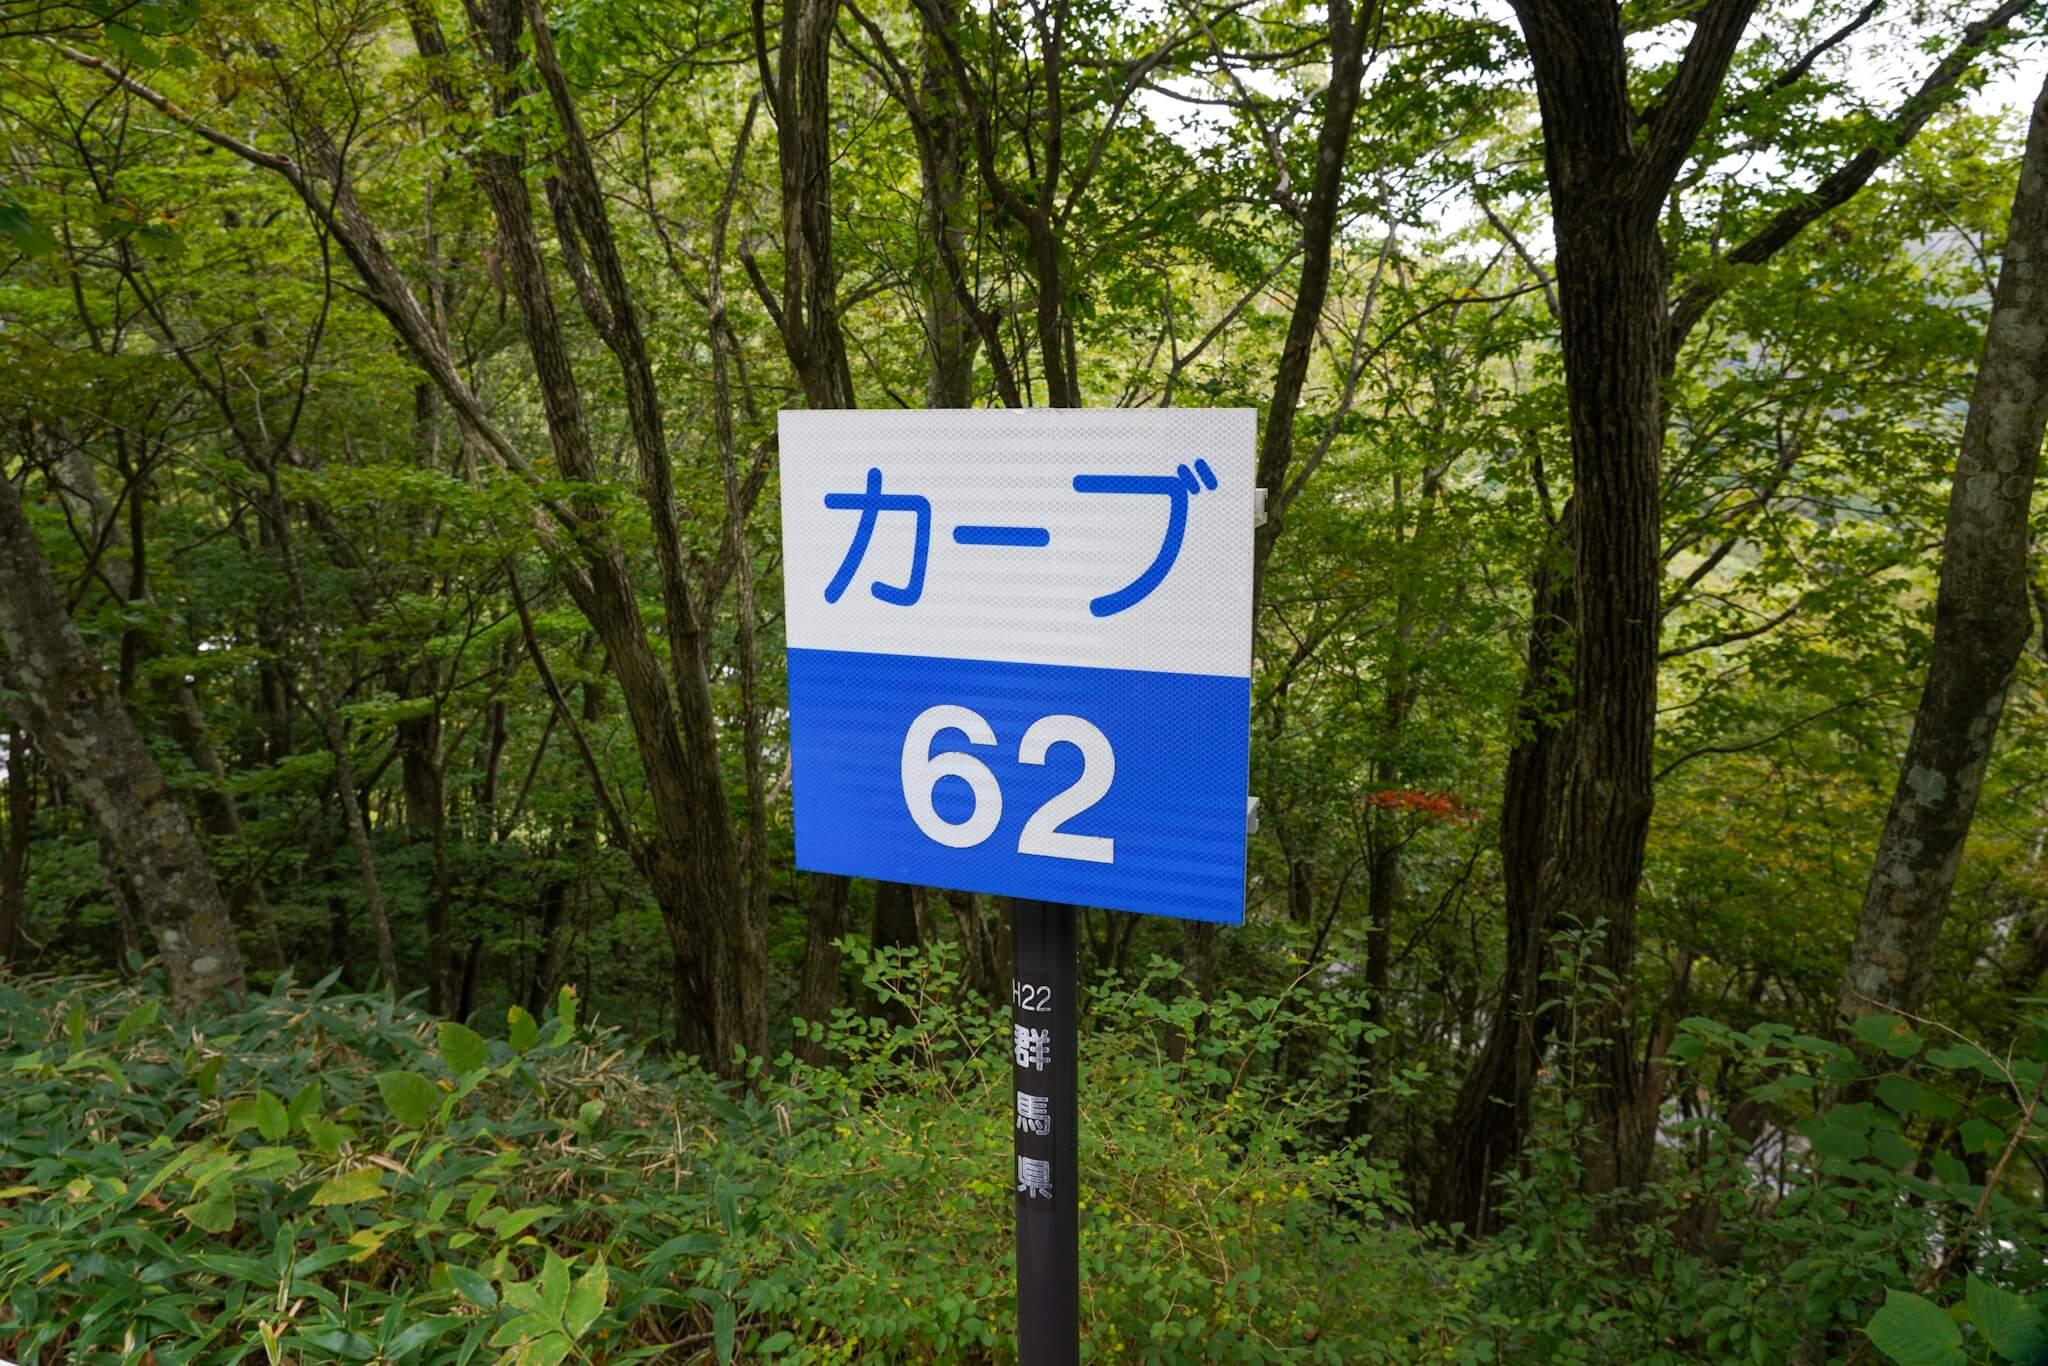 赤城山 峠 カーブNo.62